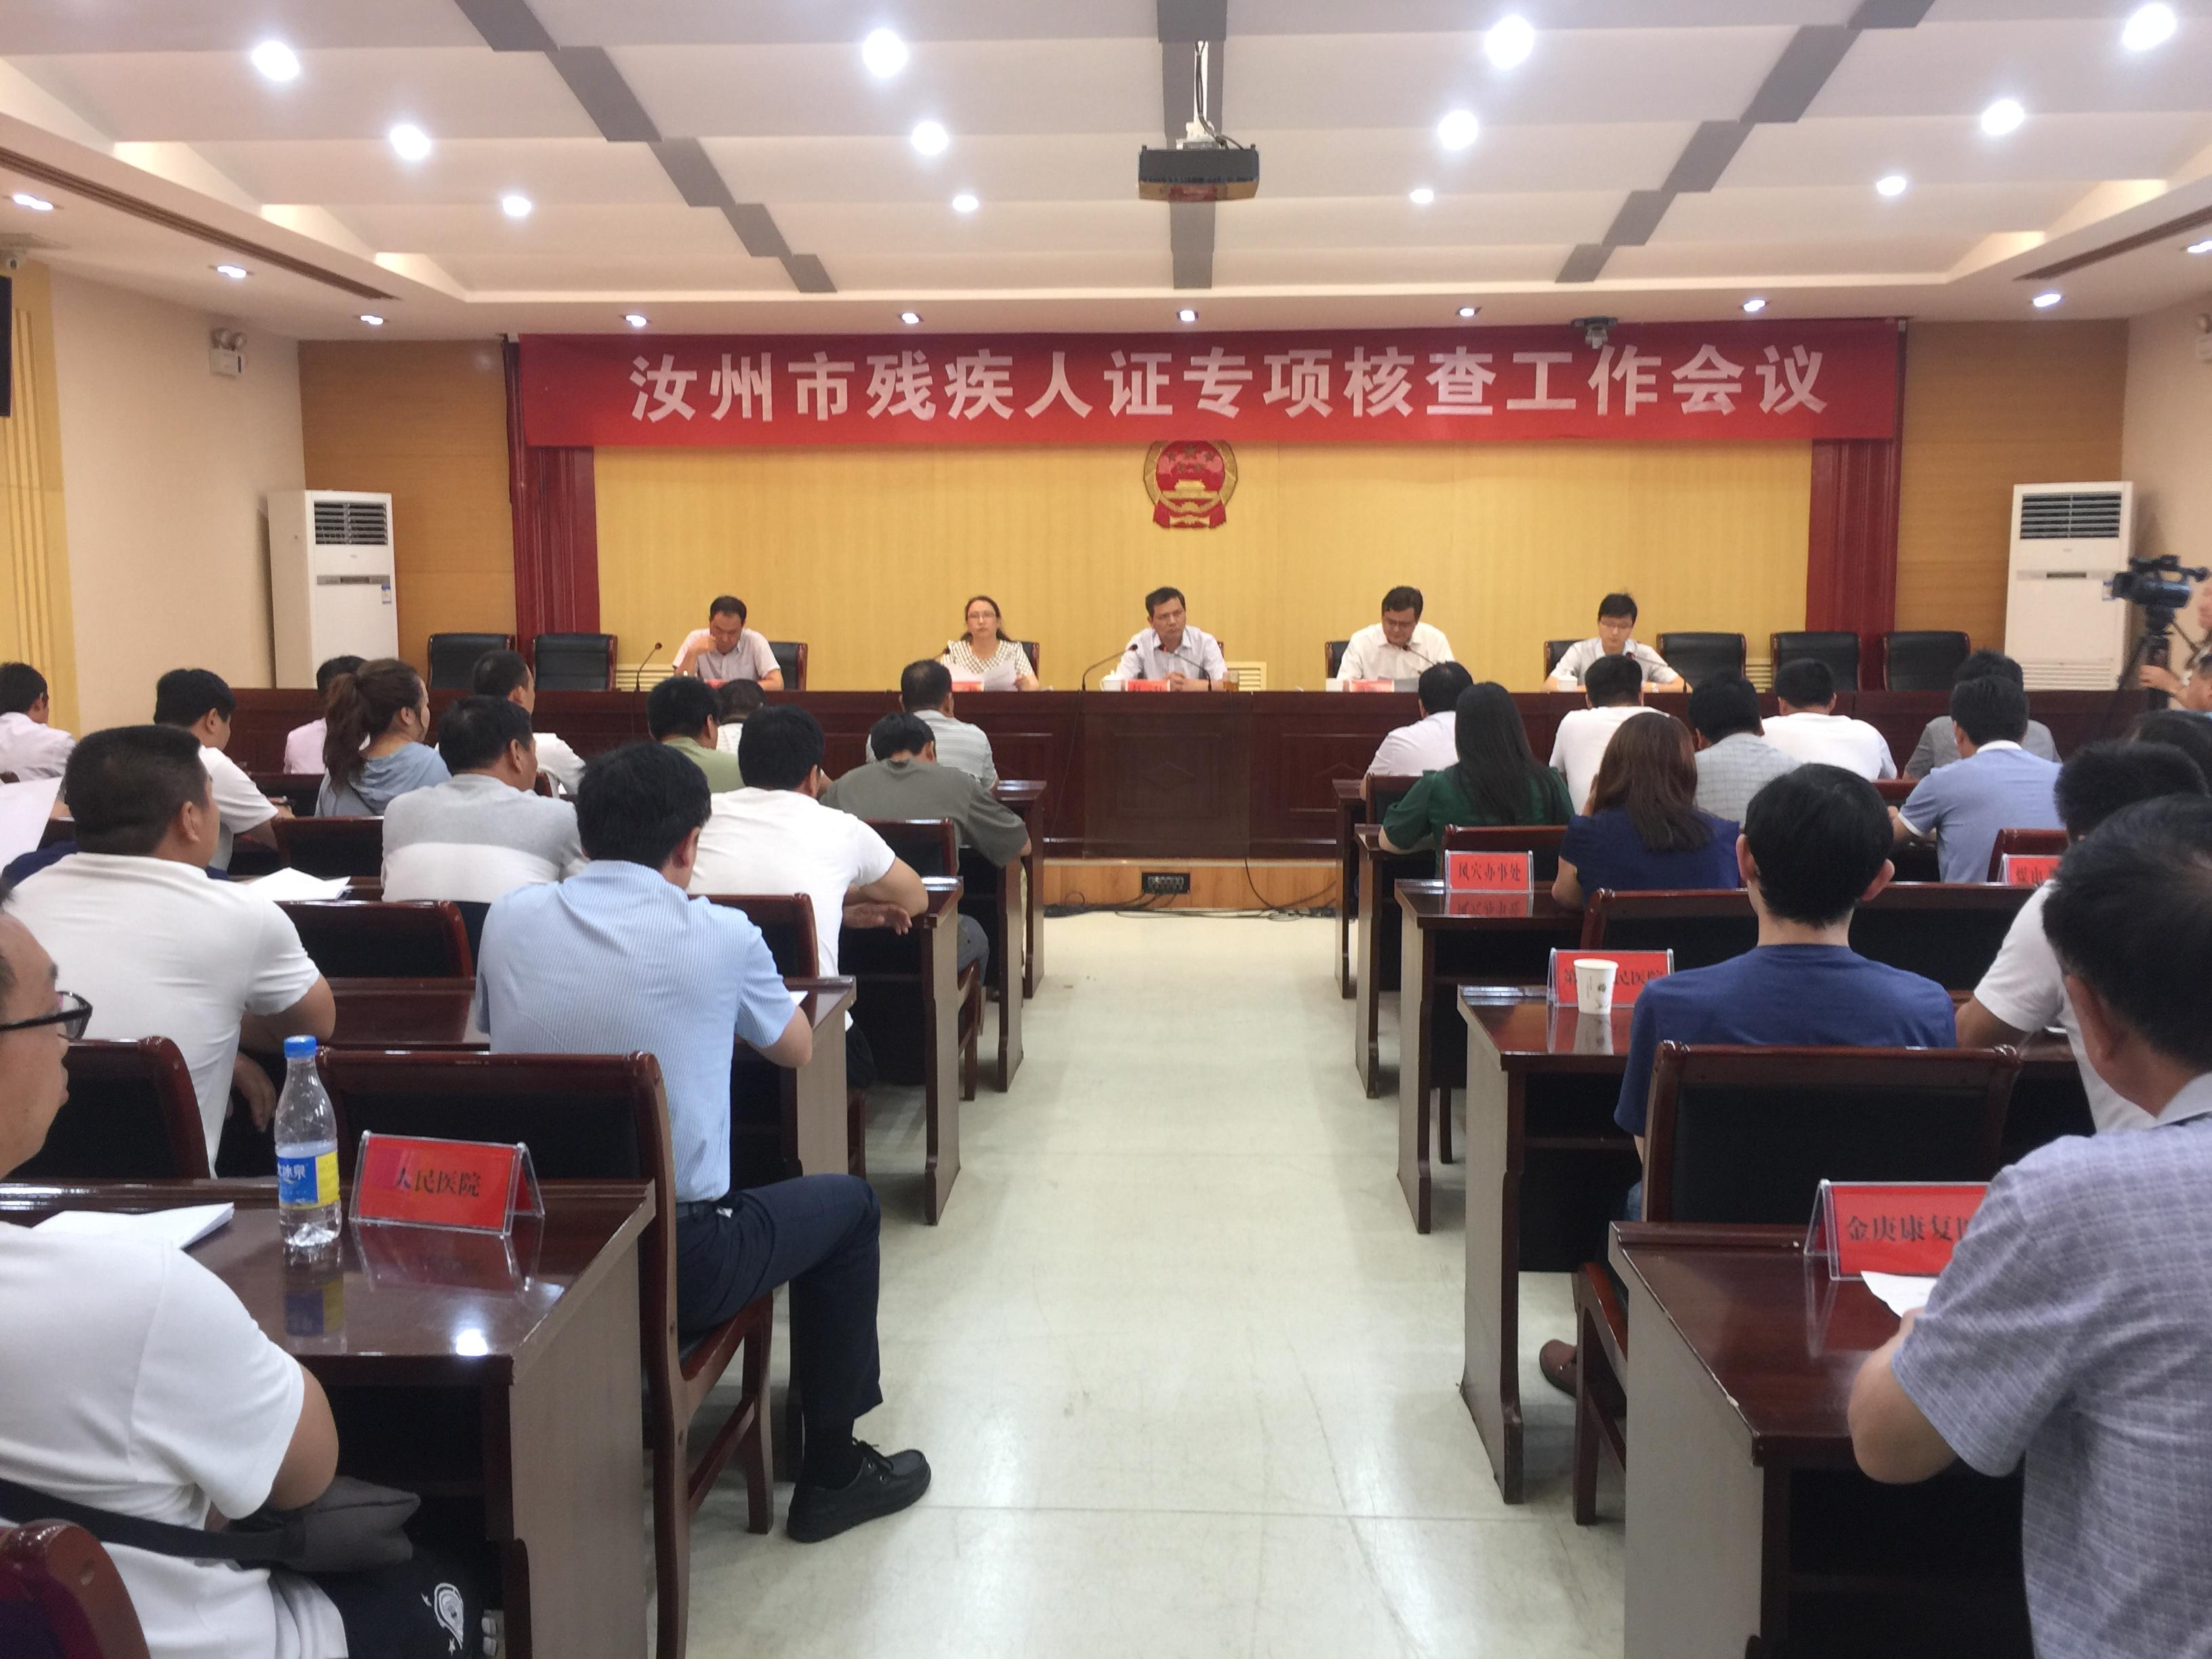 汝州市召开残疾人证专项核查工作会议